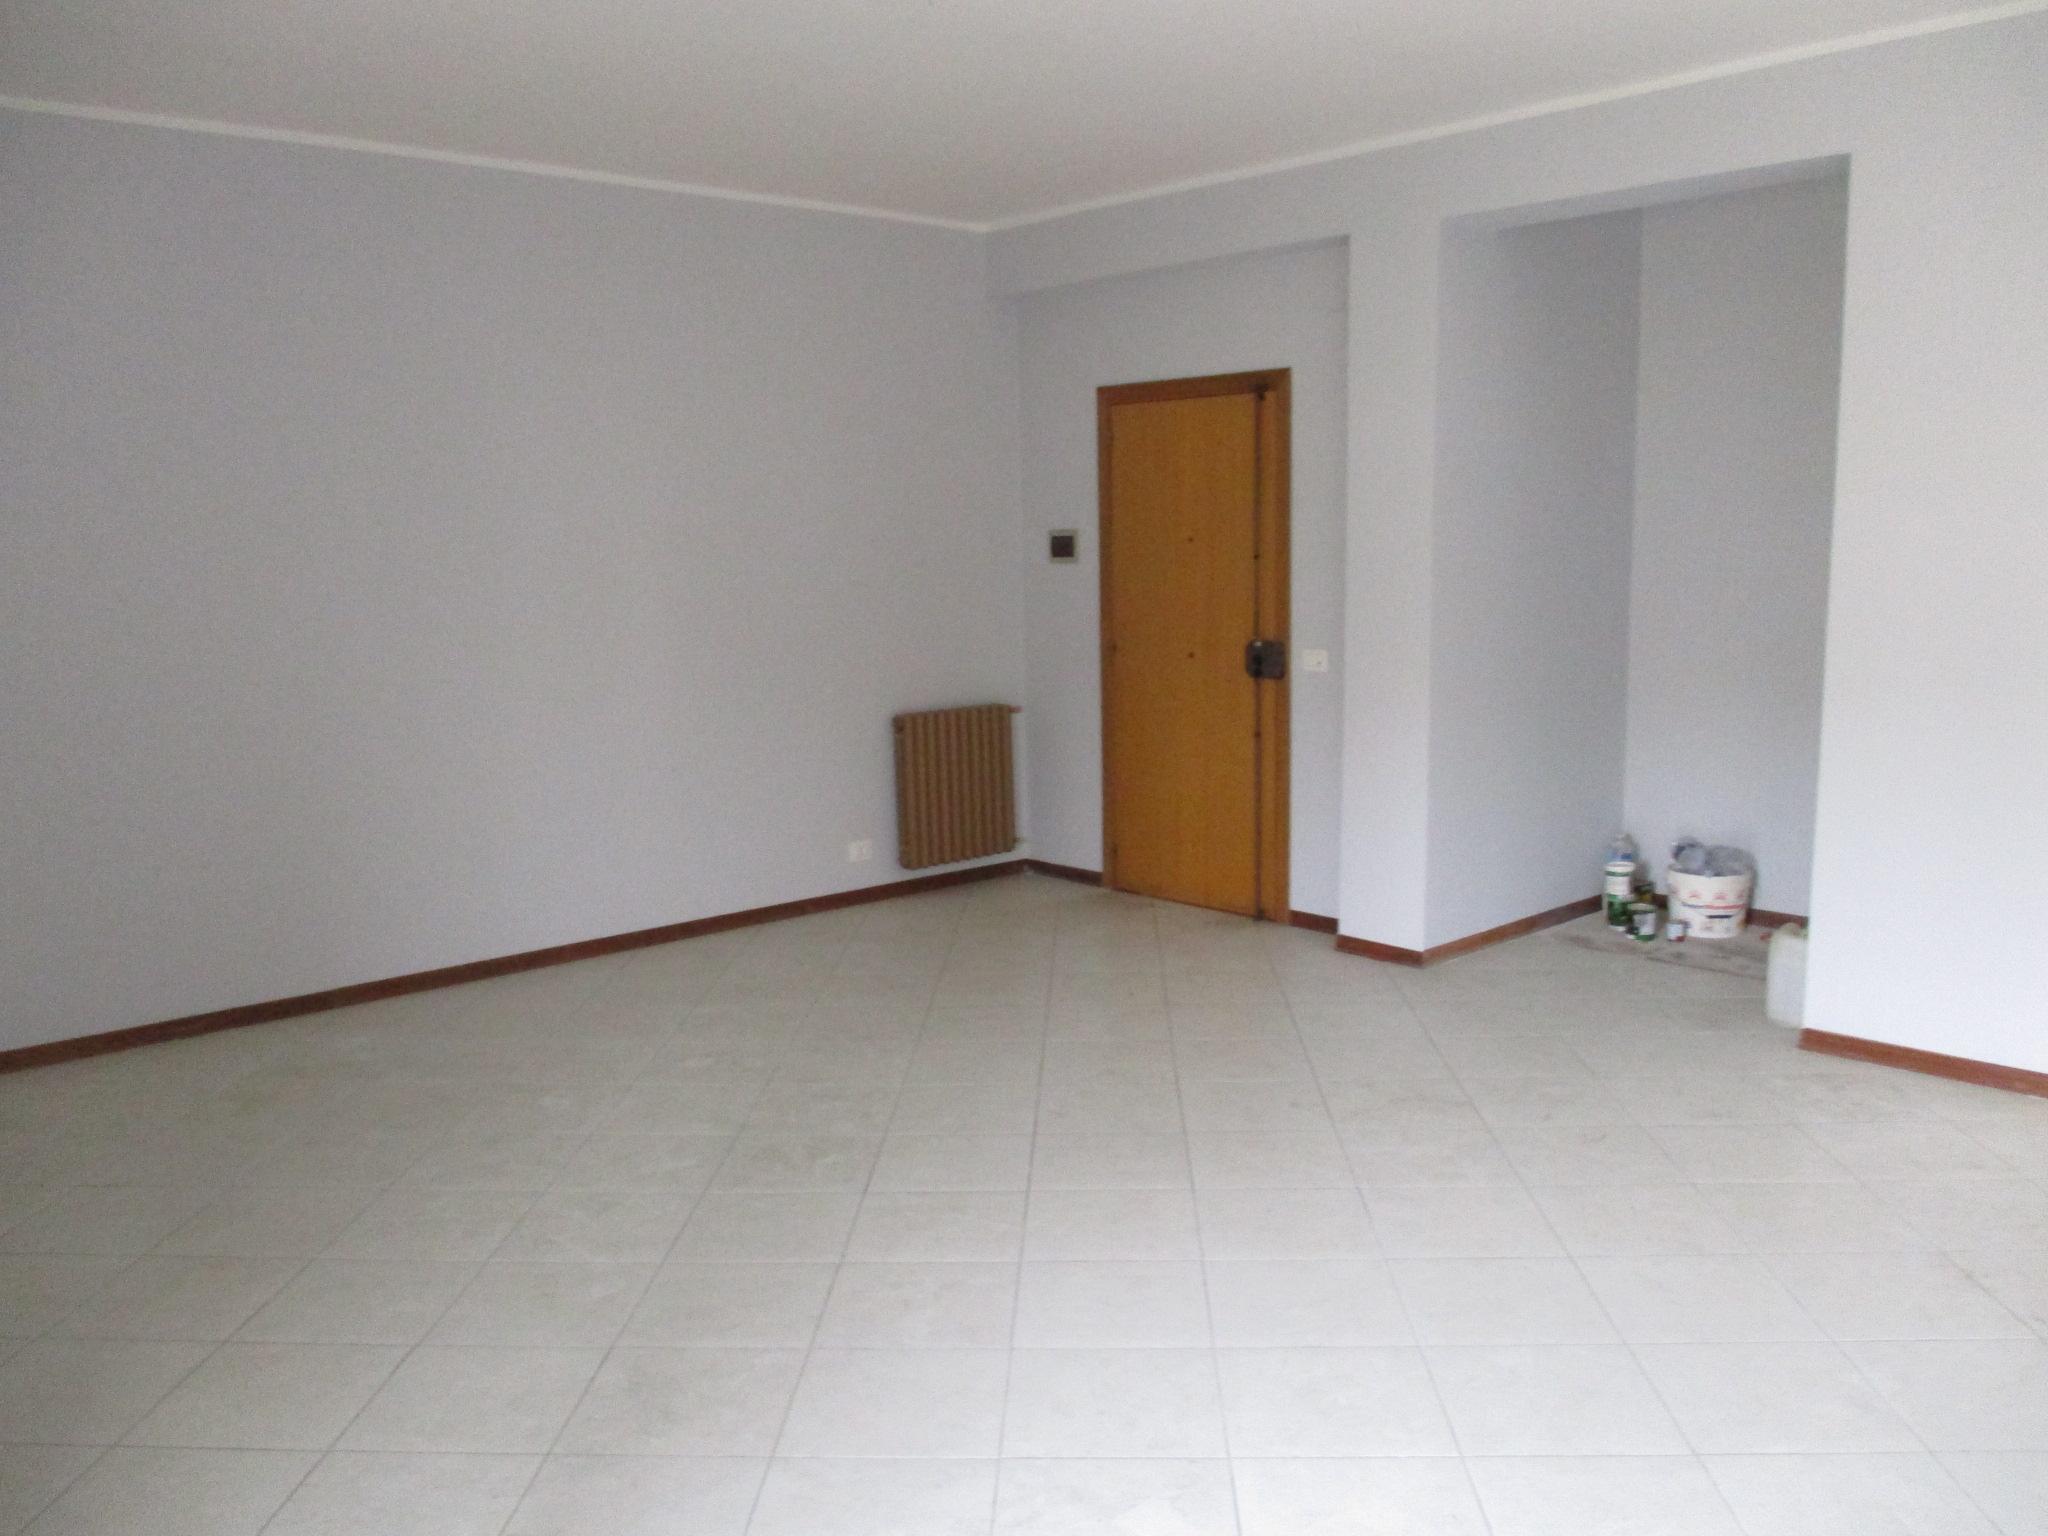 Appartamento in vendita via nizzeti catania for Appartamento via asiago catania